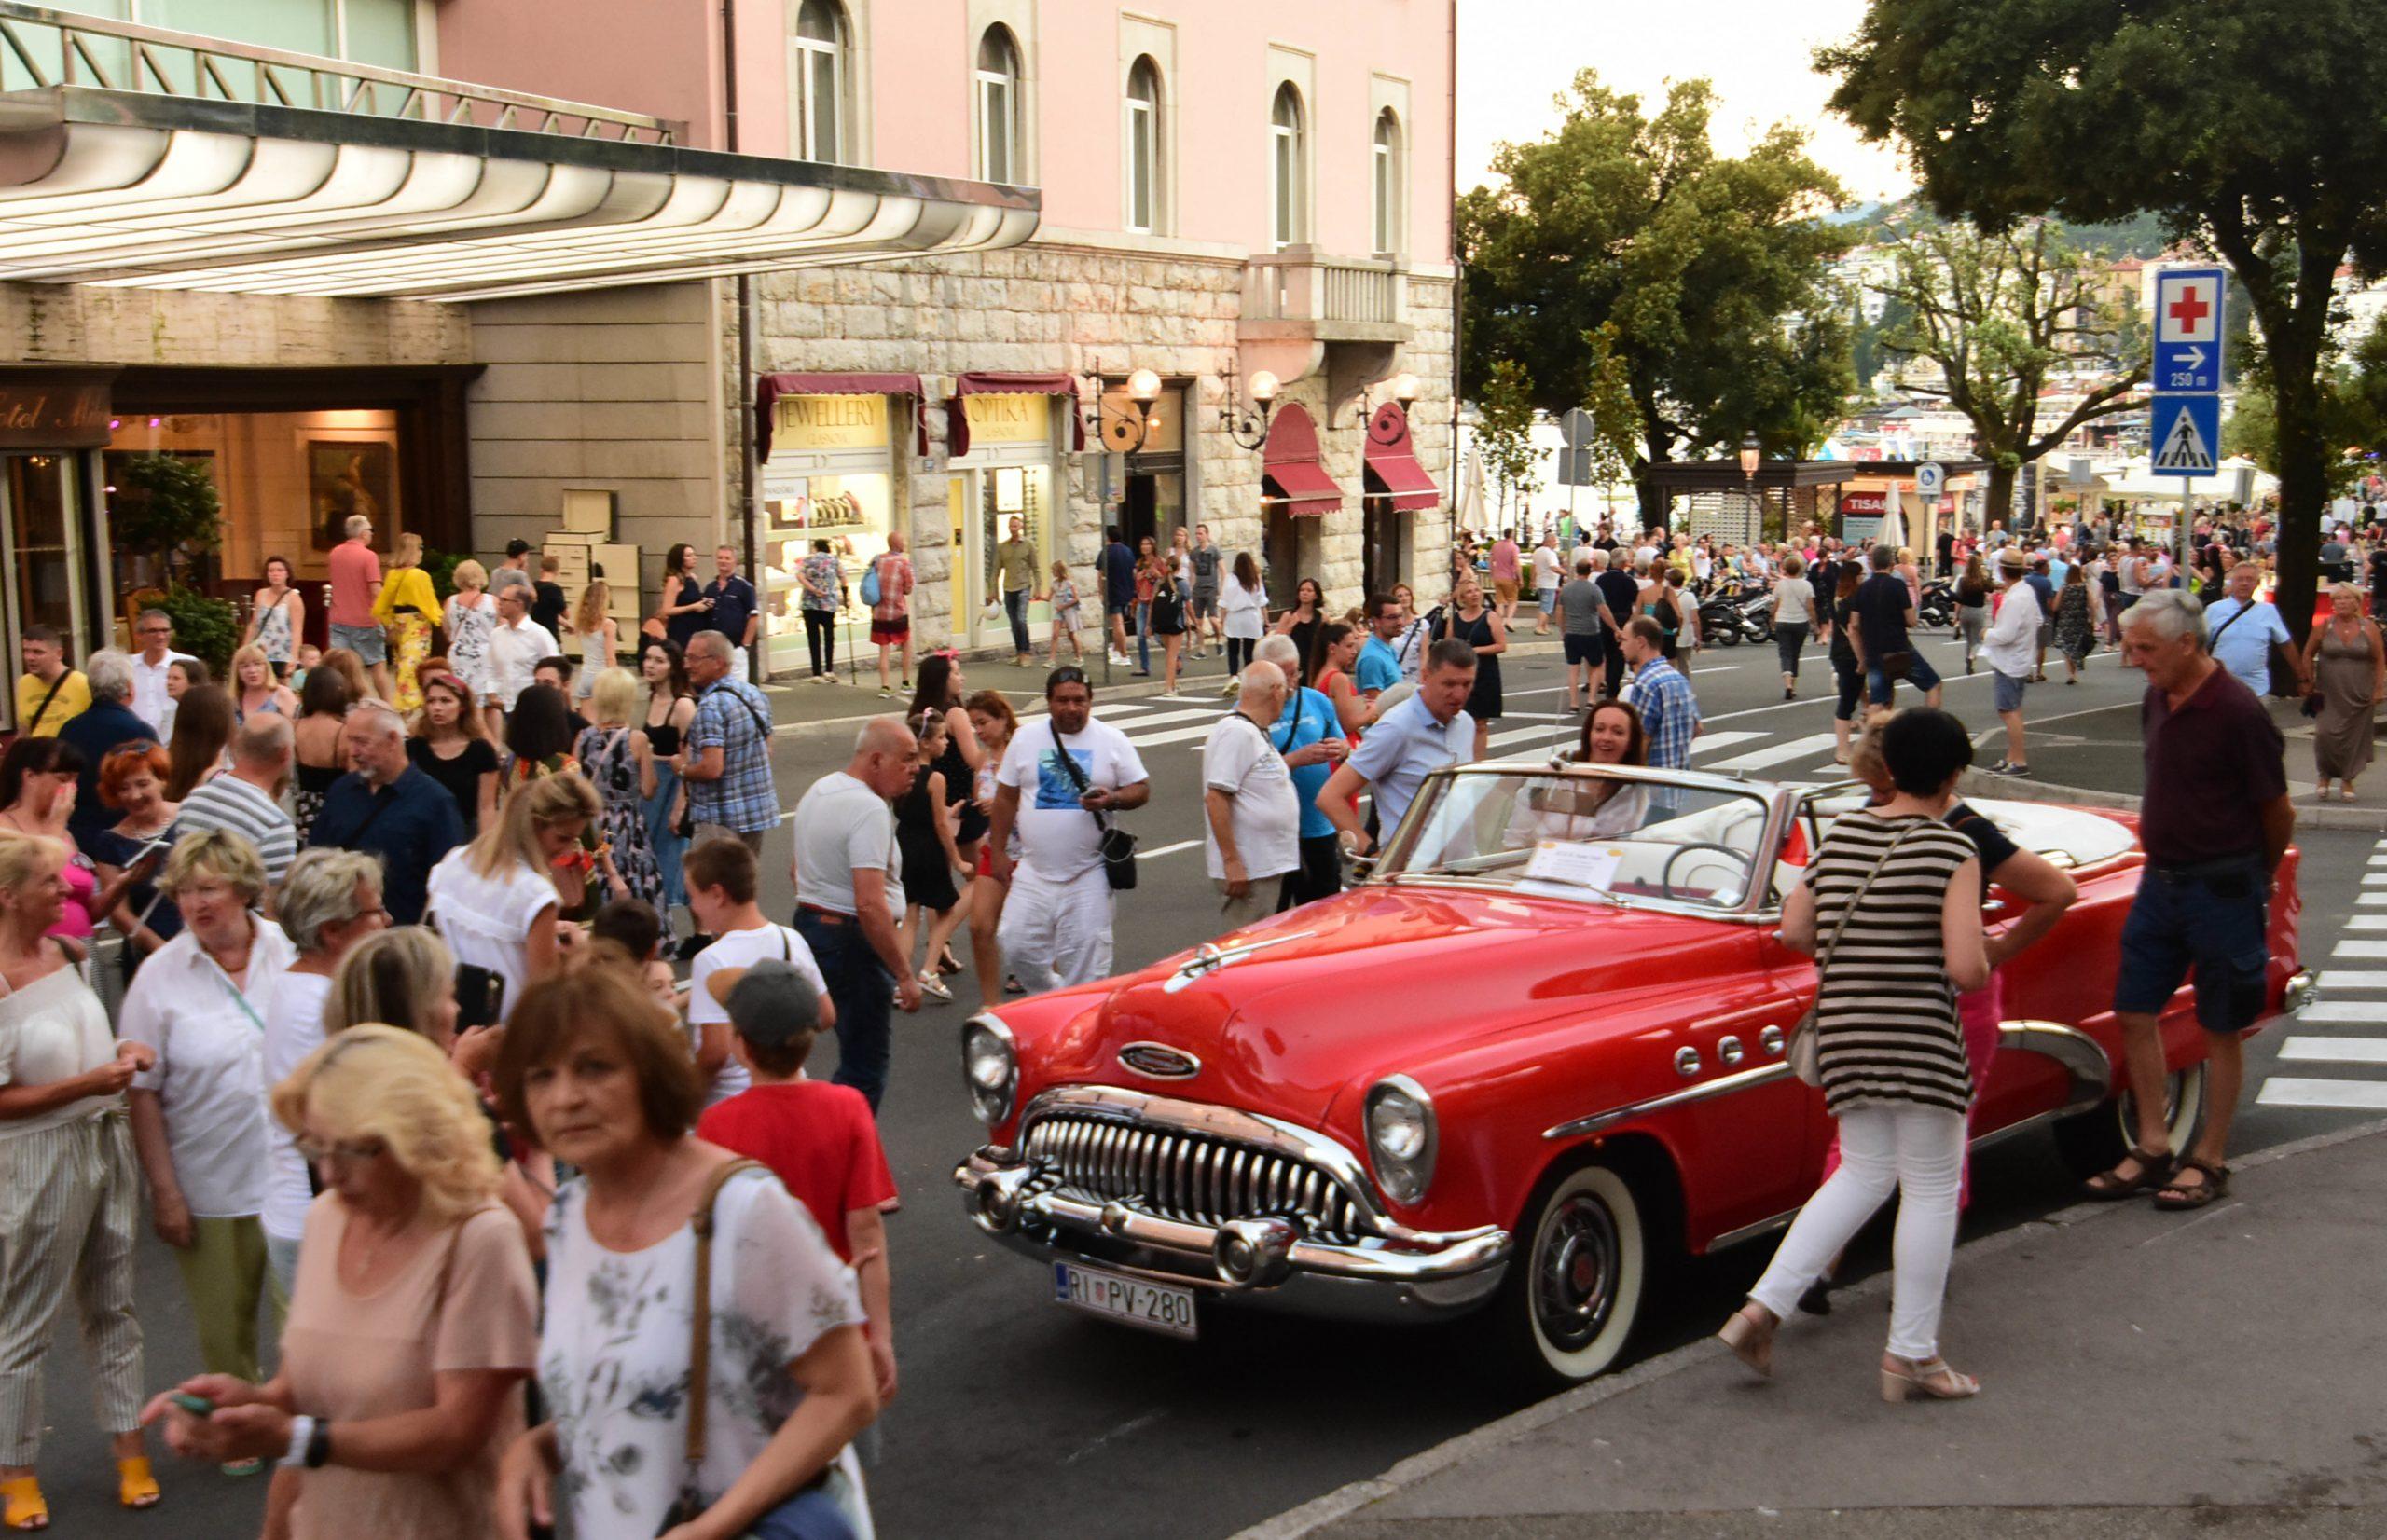 Veliko slavlje najboljeg dijela ostavštine prošlog stoljeća, manifestacija RetrOpatija, ponovno je privuklo tisuće ljudi u Opatiju u uzavreloj ljetnoj noći / Snimio Marin ANIČIĆ